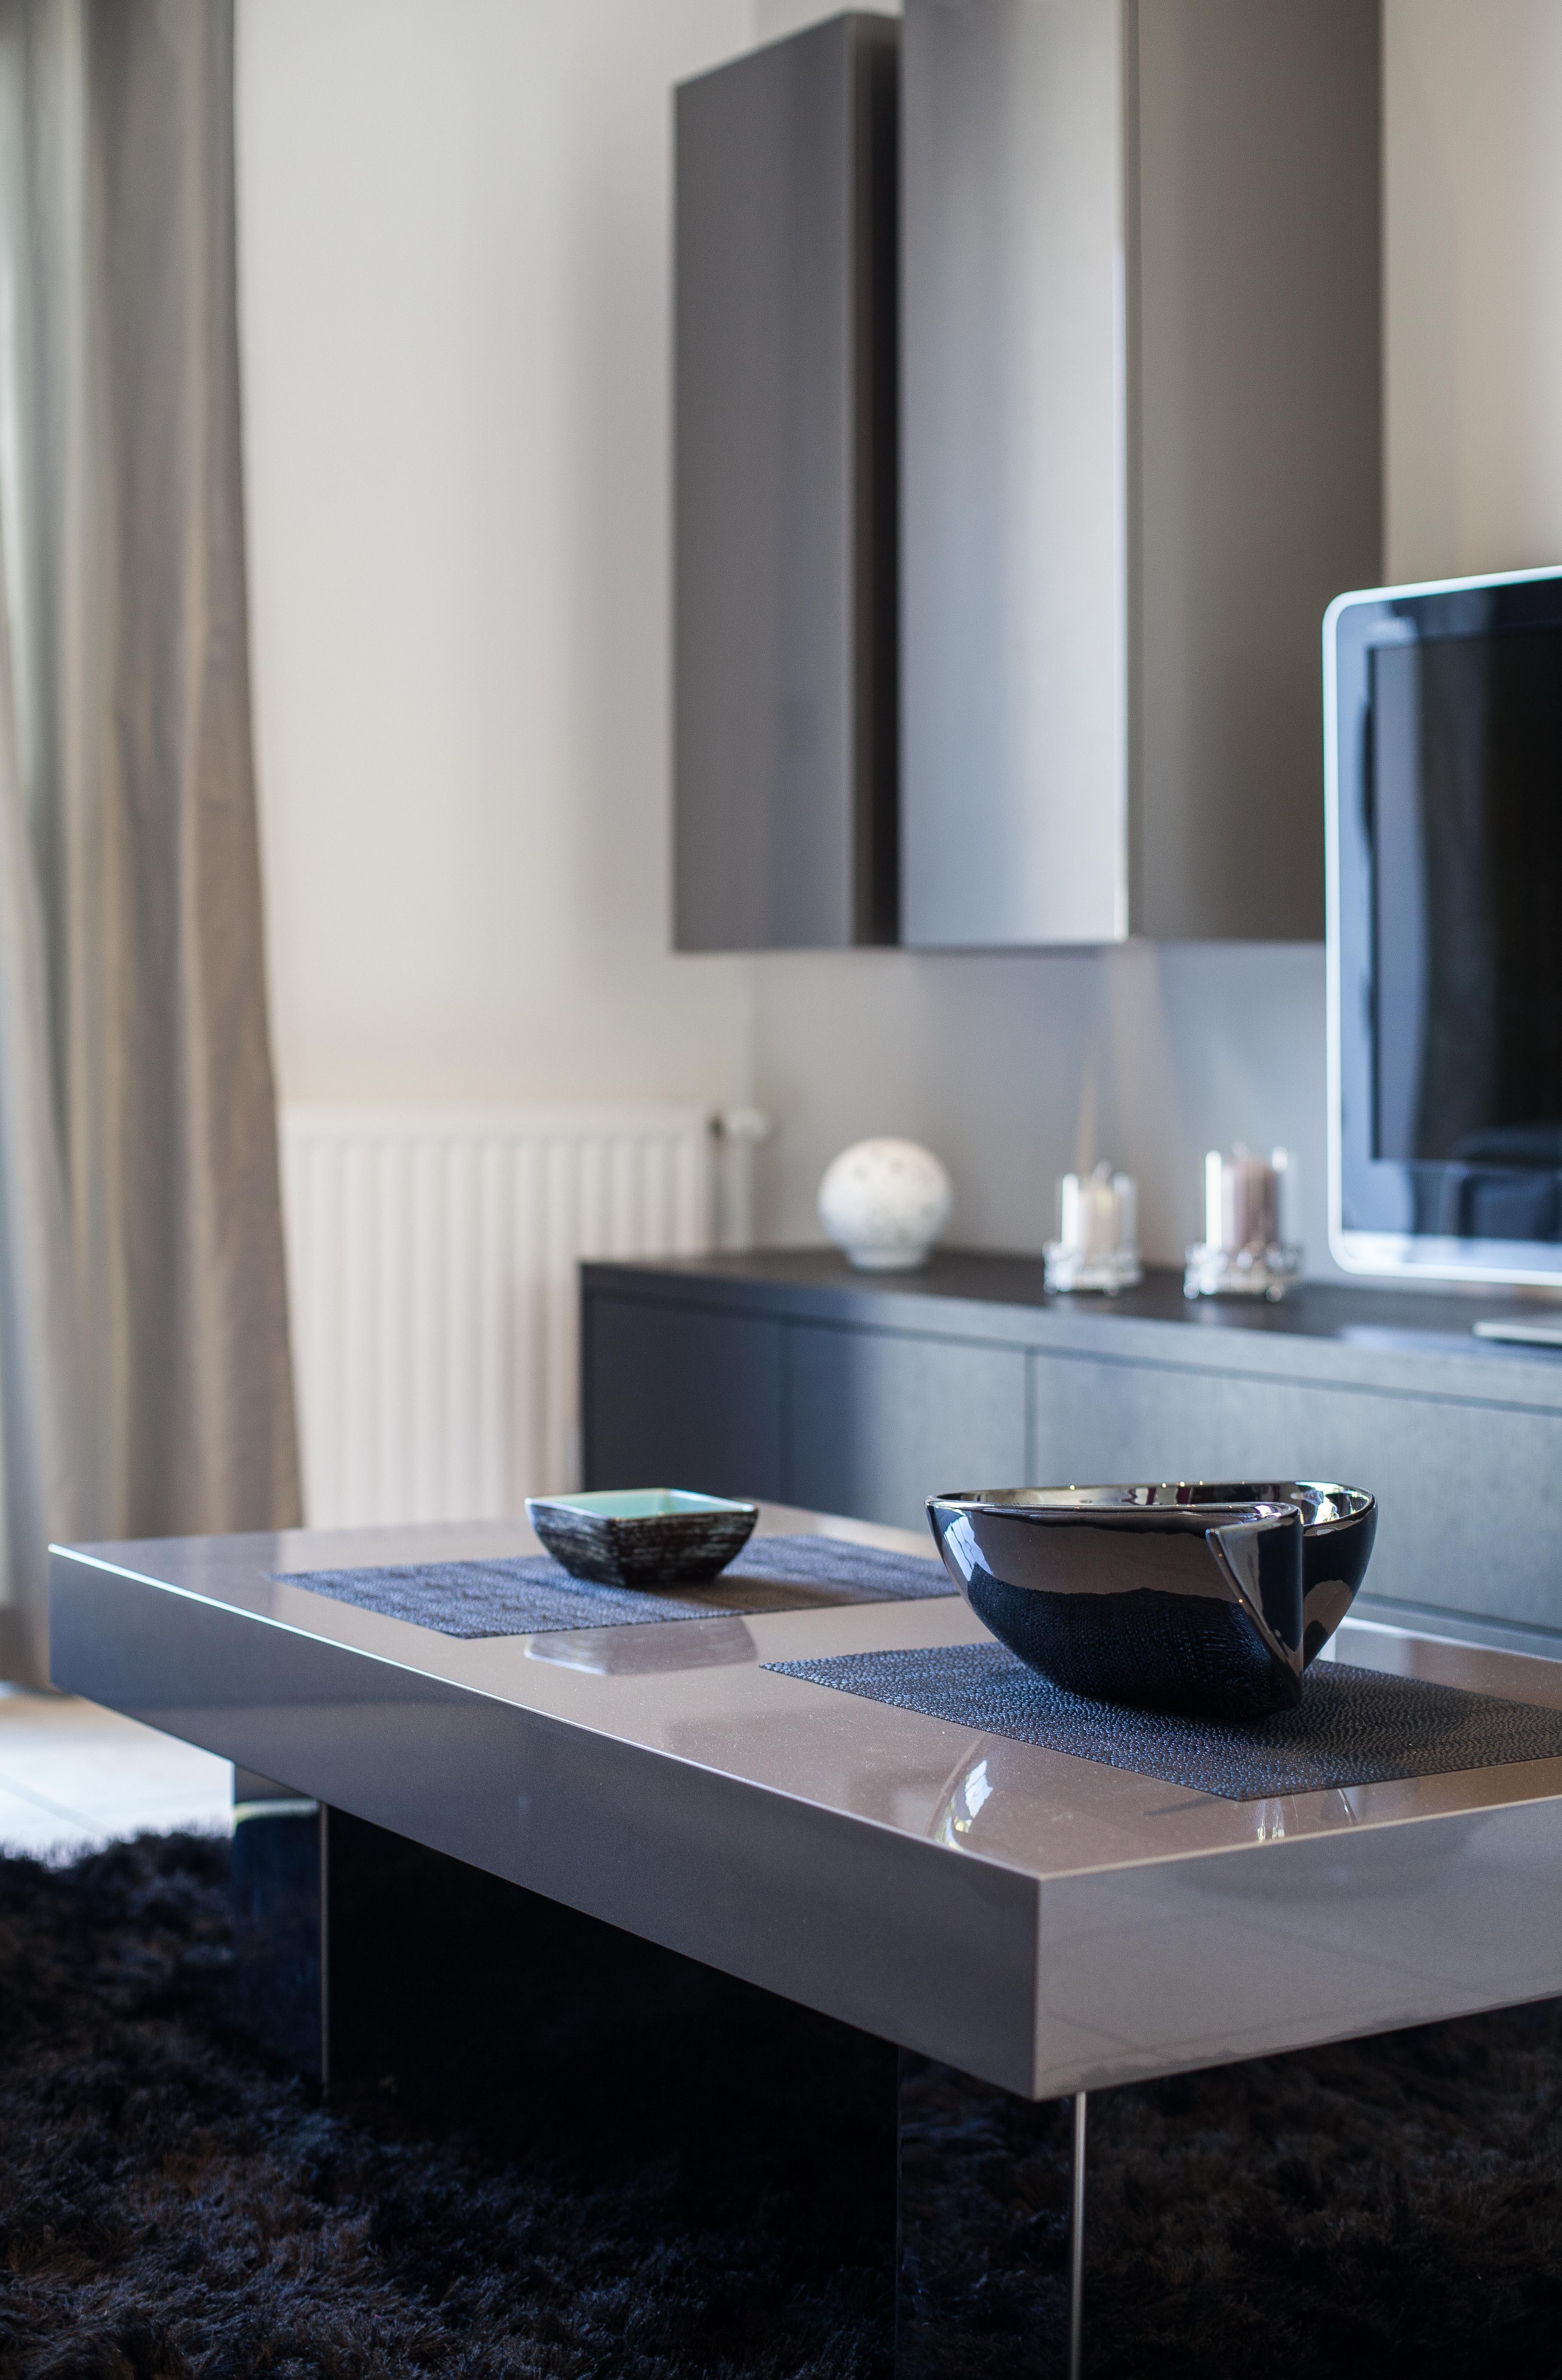 Meuble tv+ colonne et Table basse